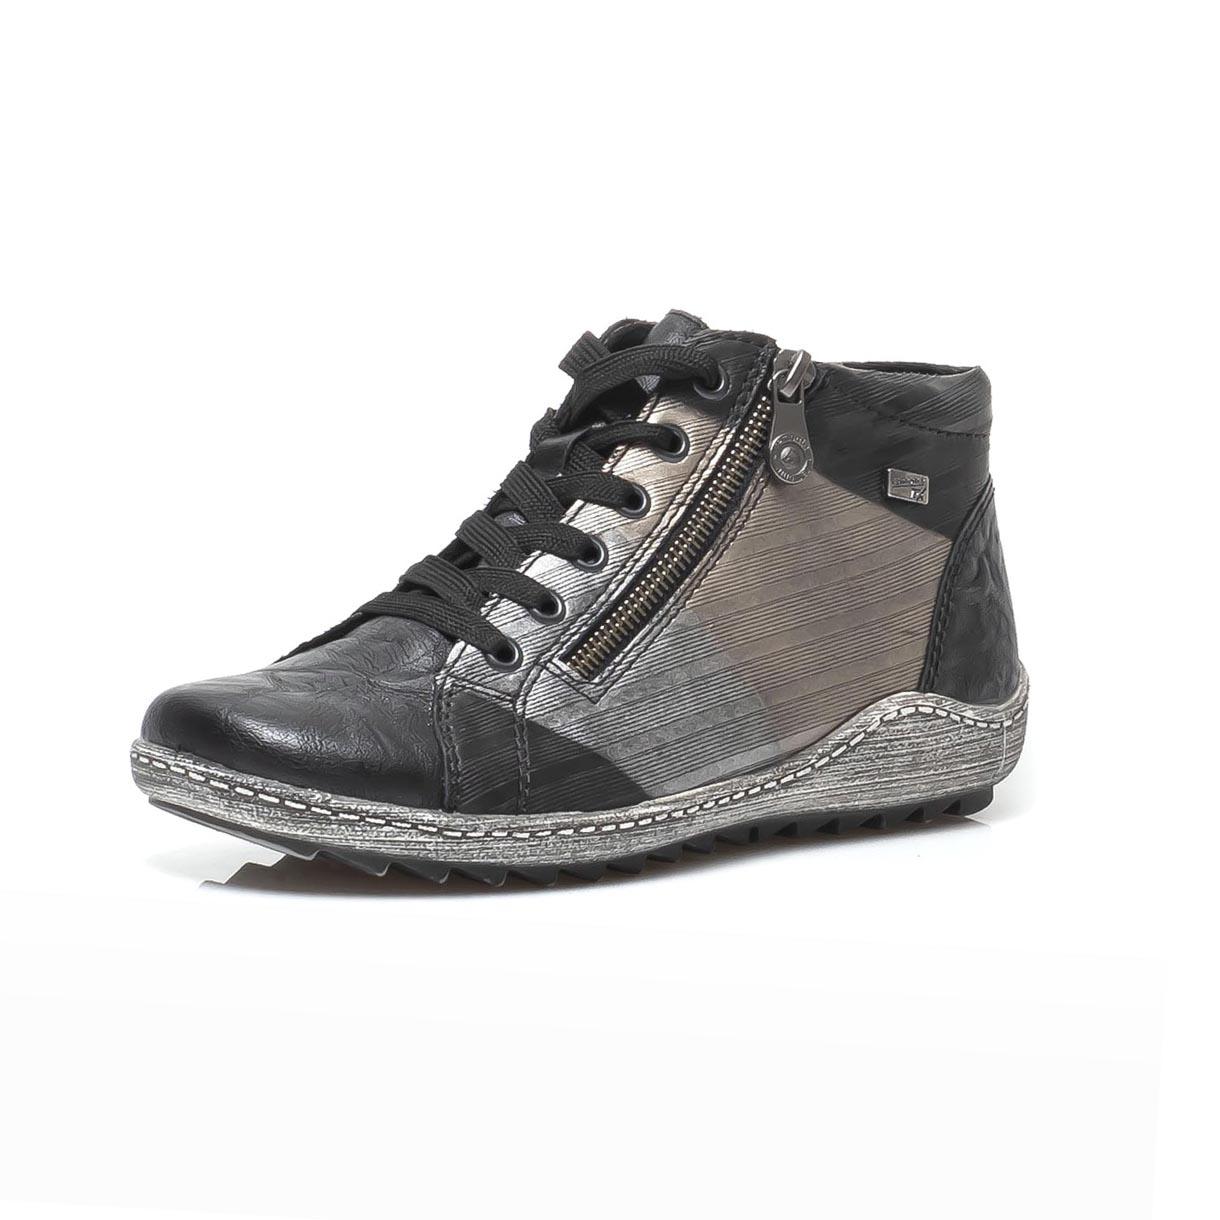 a4795929dd detail Dámska obuv RIEKER - REMONTE R1496-02 SCHWARZ H W 9